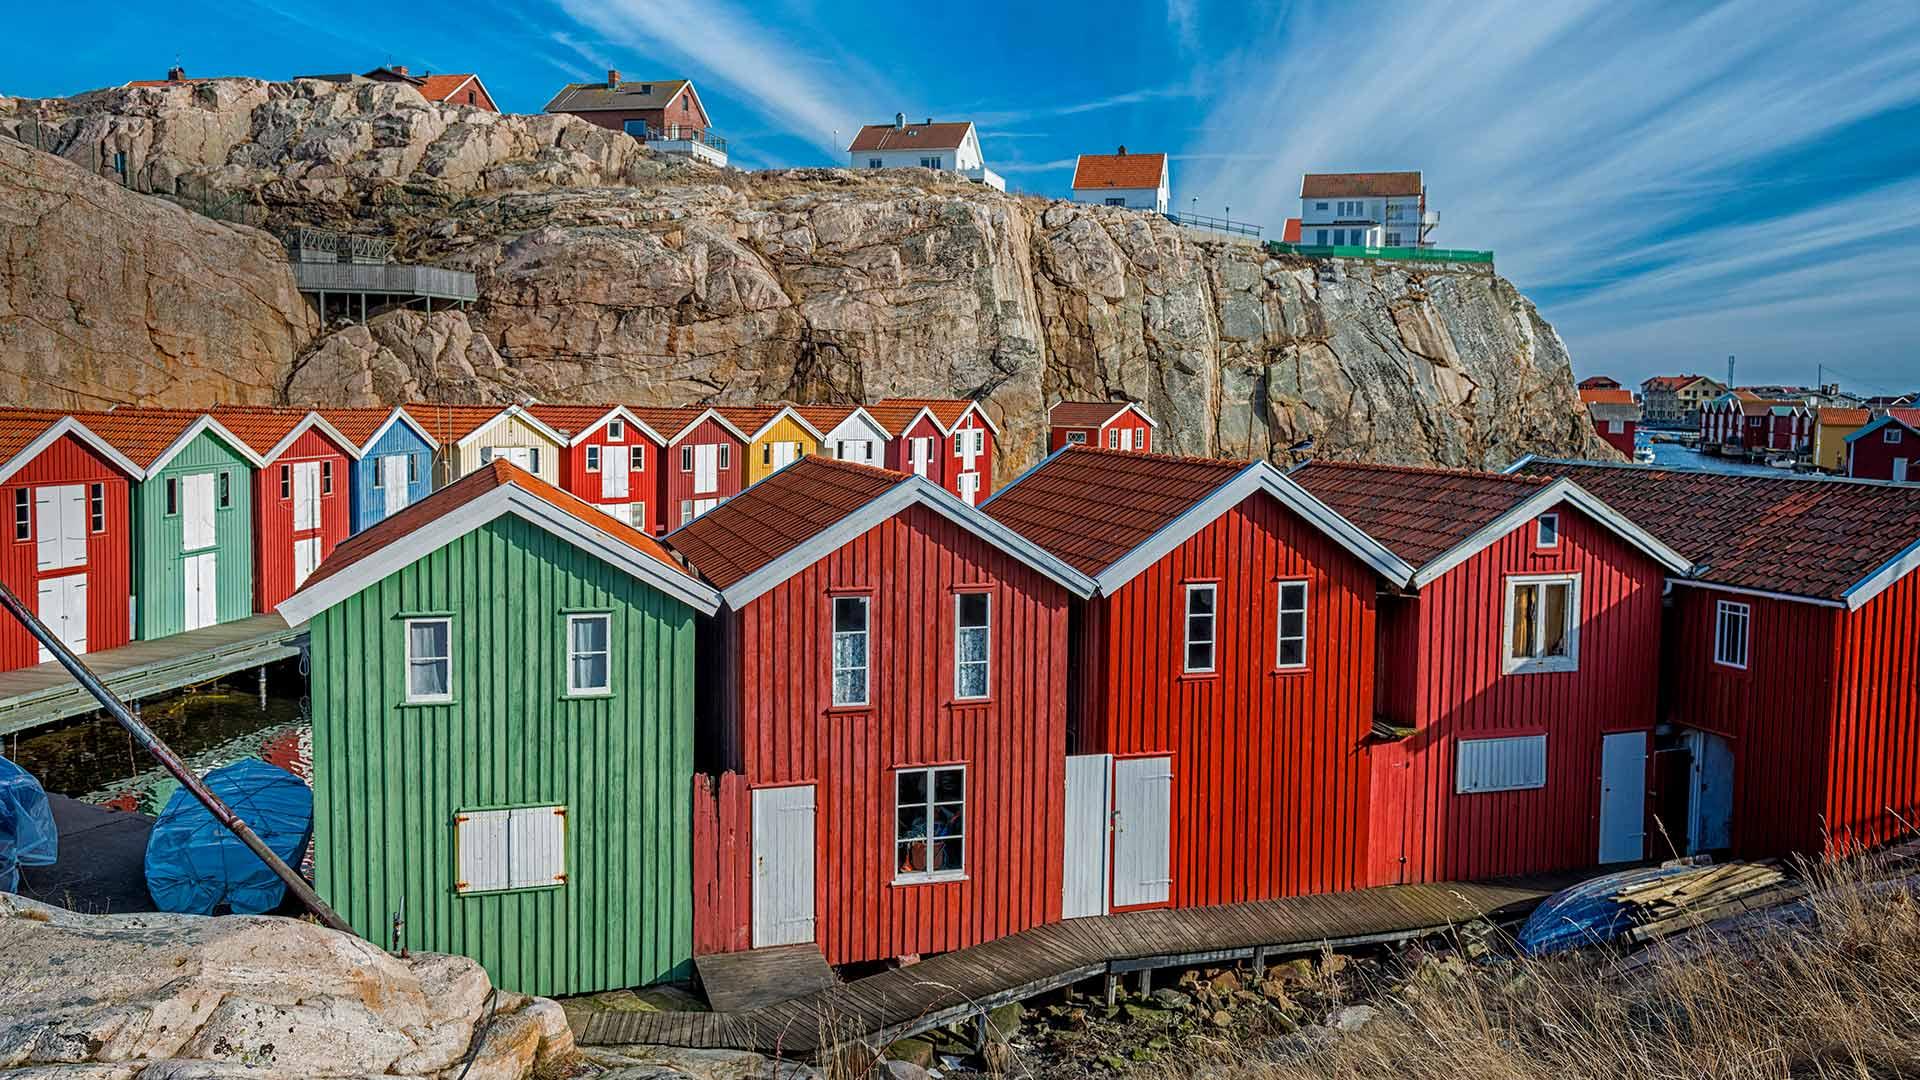 Smögen, Sweden (© Martin Wahlborg/Getty Images Plus)(Bing United States)